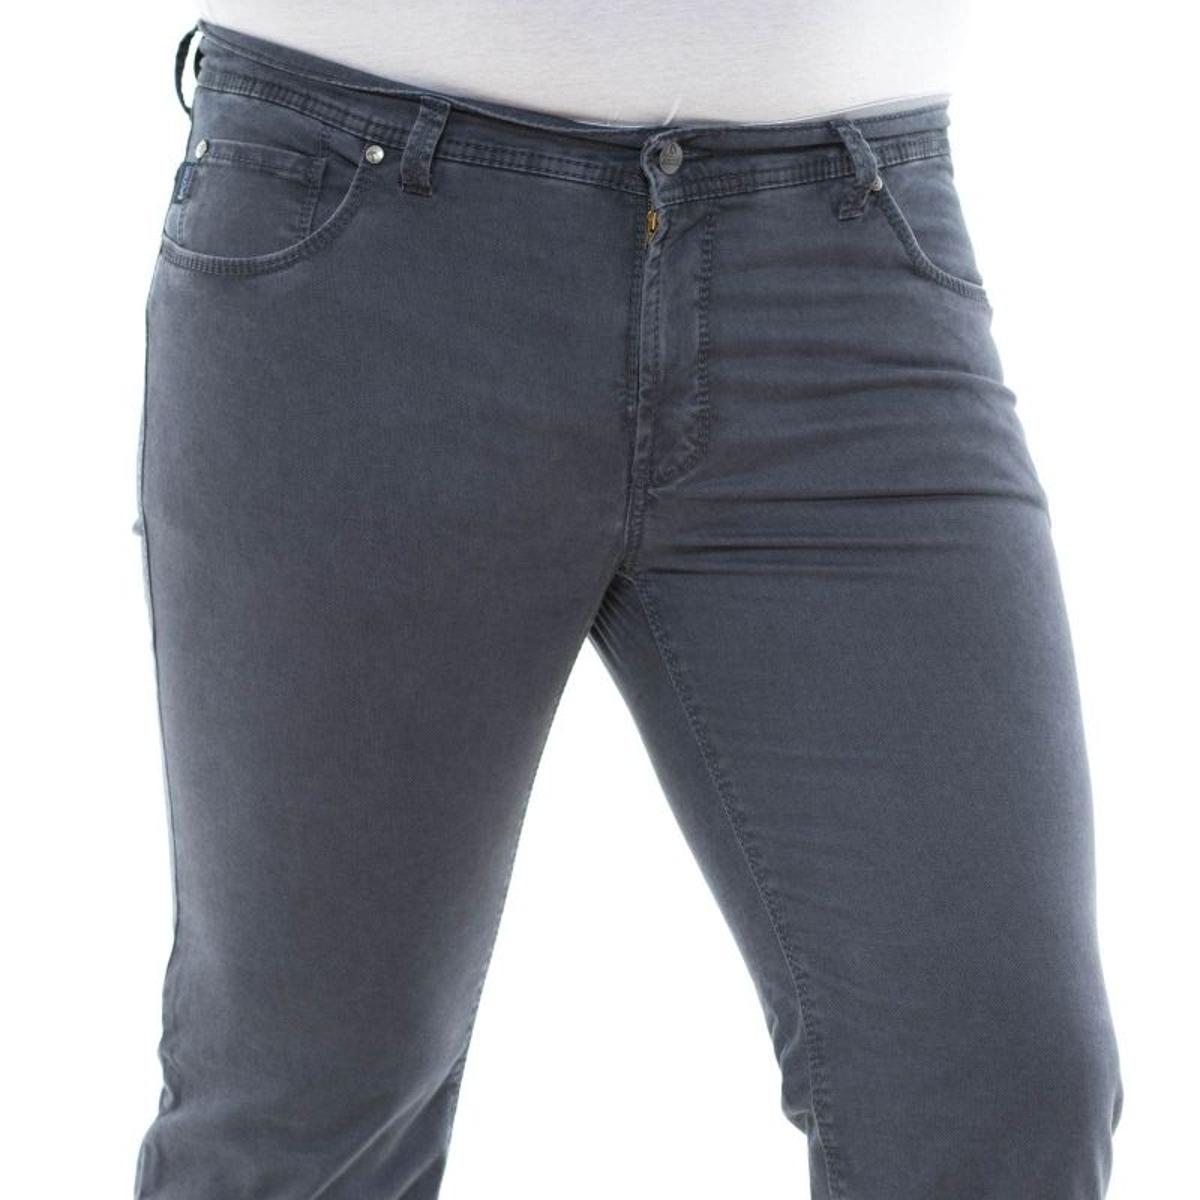 Pantalon toile thomas bleu gris